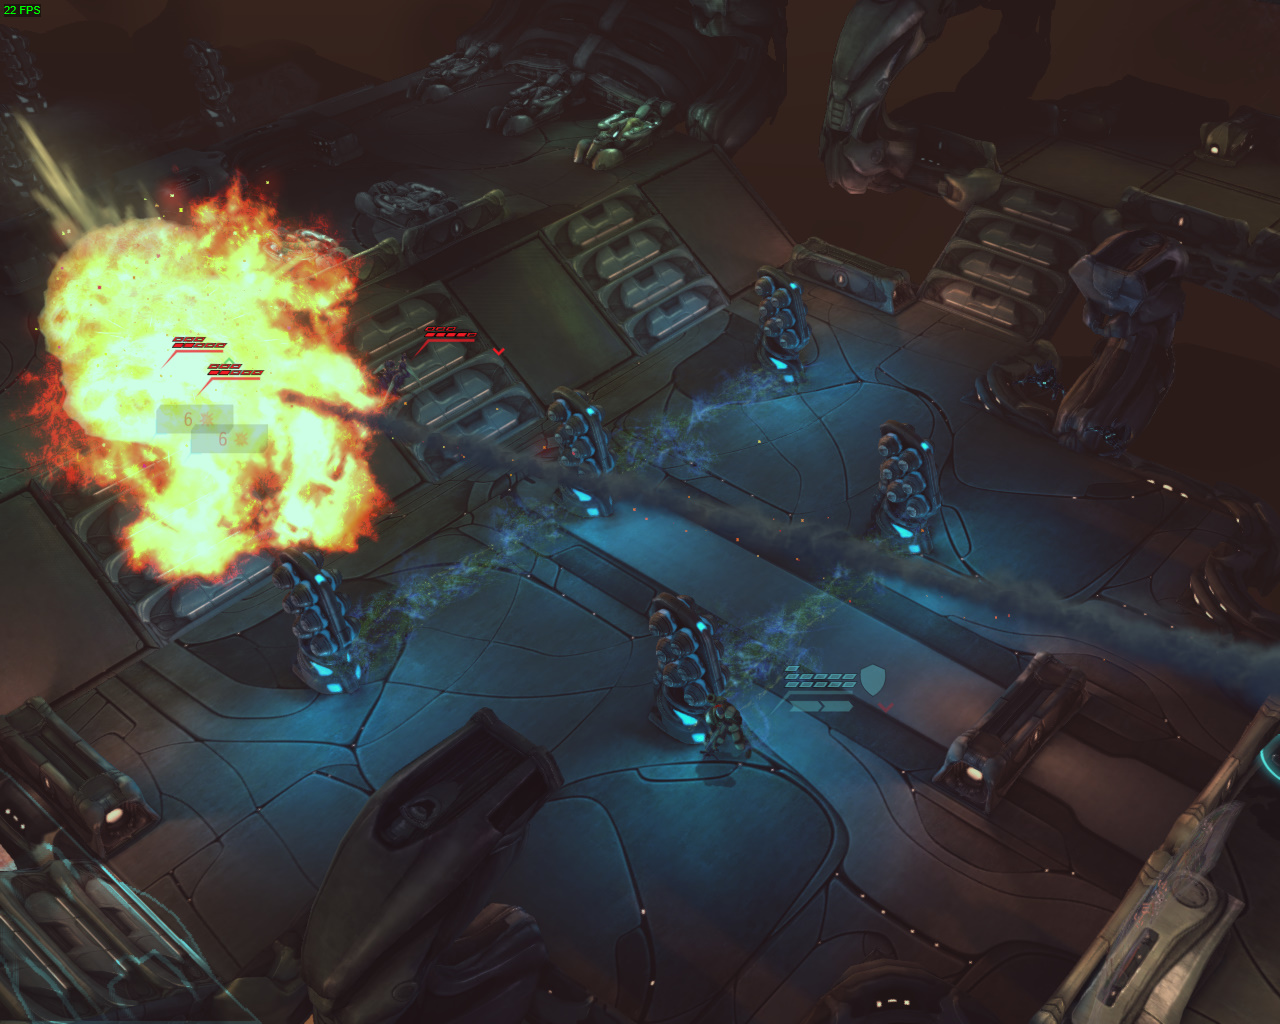 XComGame 2016-08-07 23-13-00-320.jpg - XCOM: Enemy Unknown